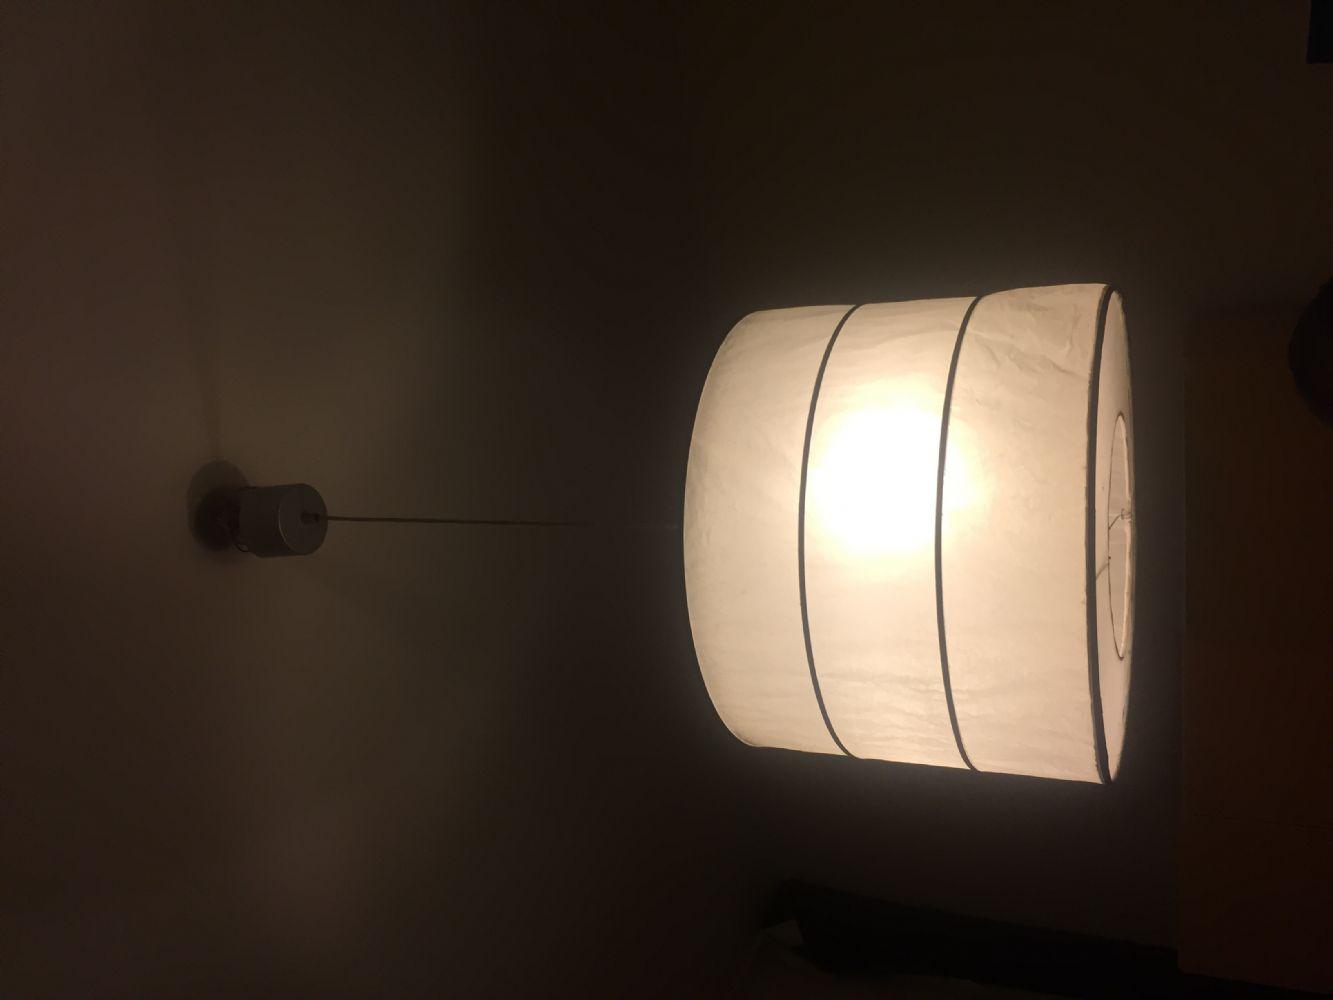 Lampadari Di Carta Per Bambini : Riciclare i tubi di plastica per realizzare delle splendide lampade